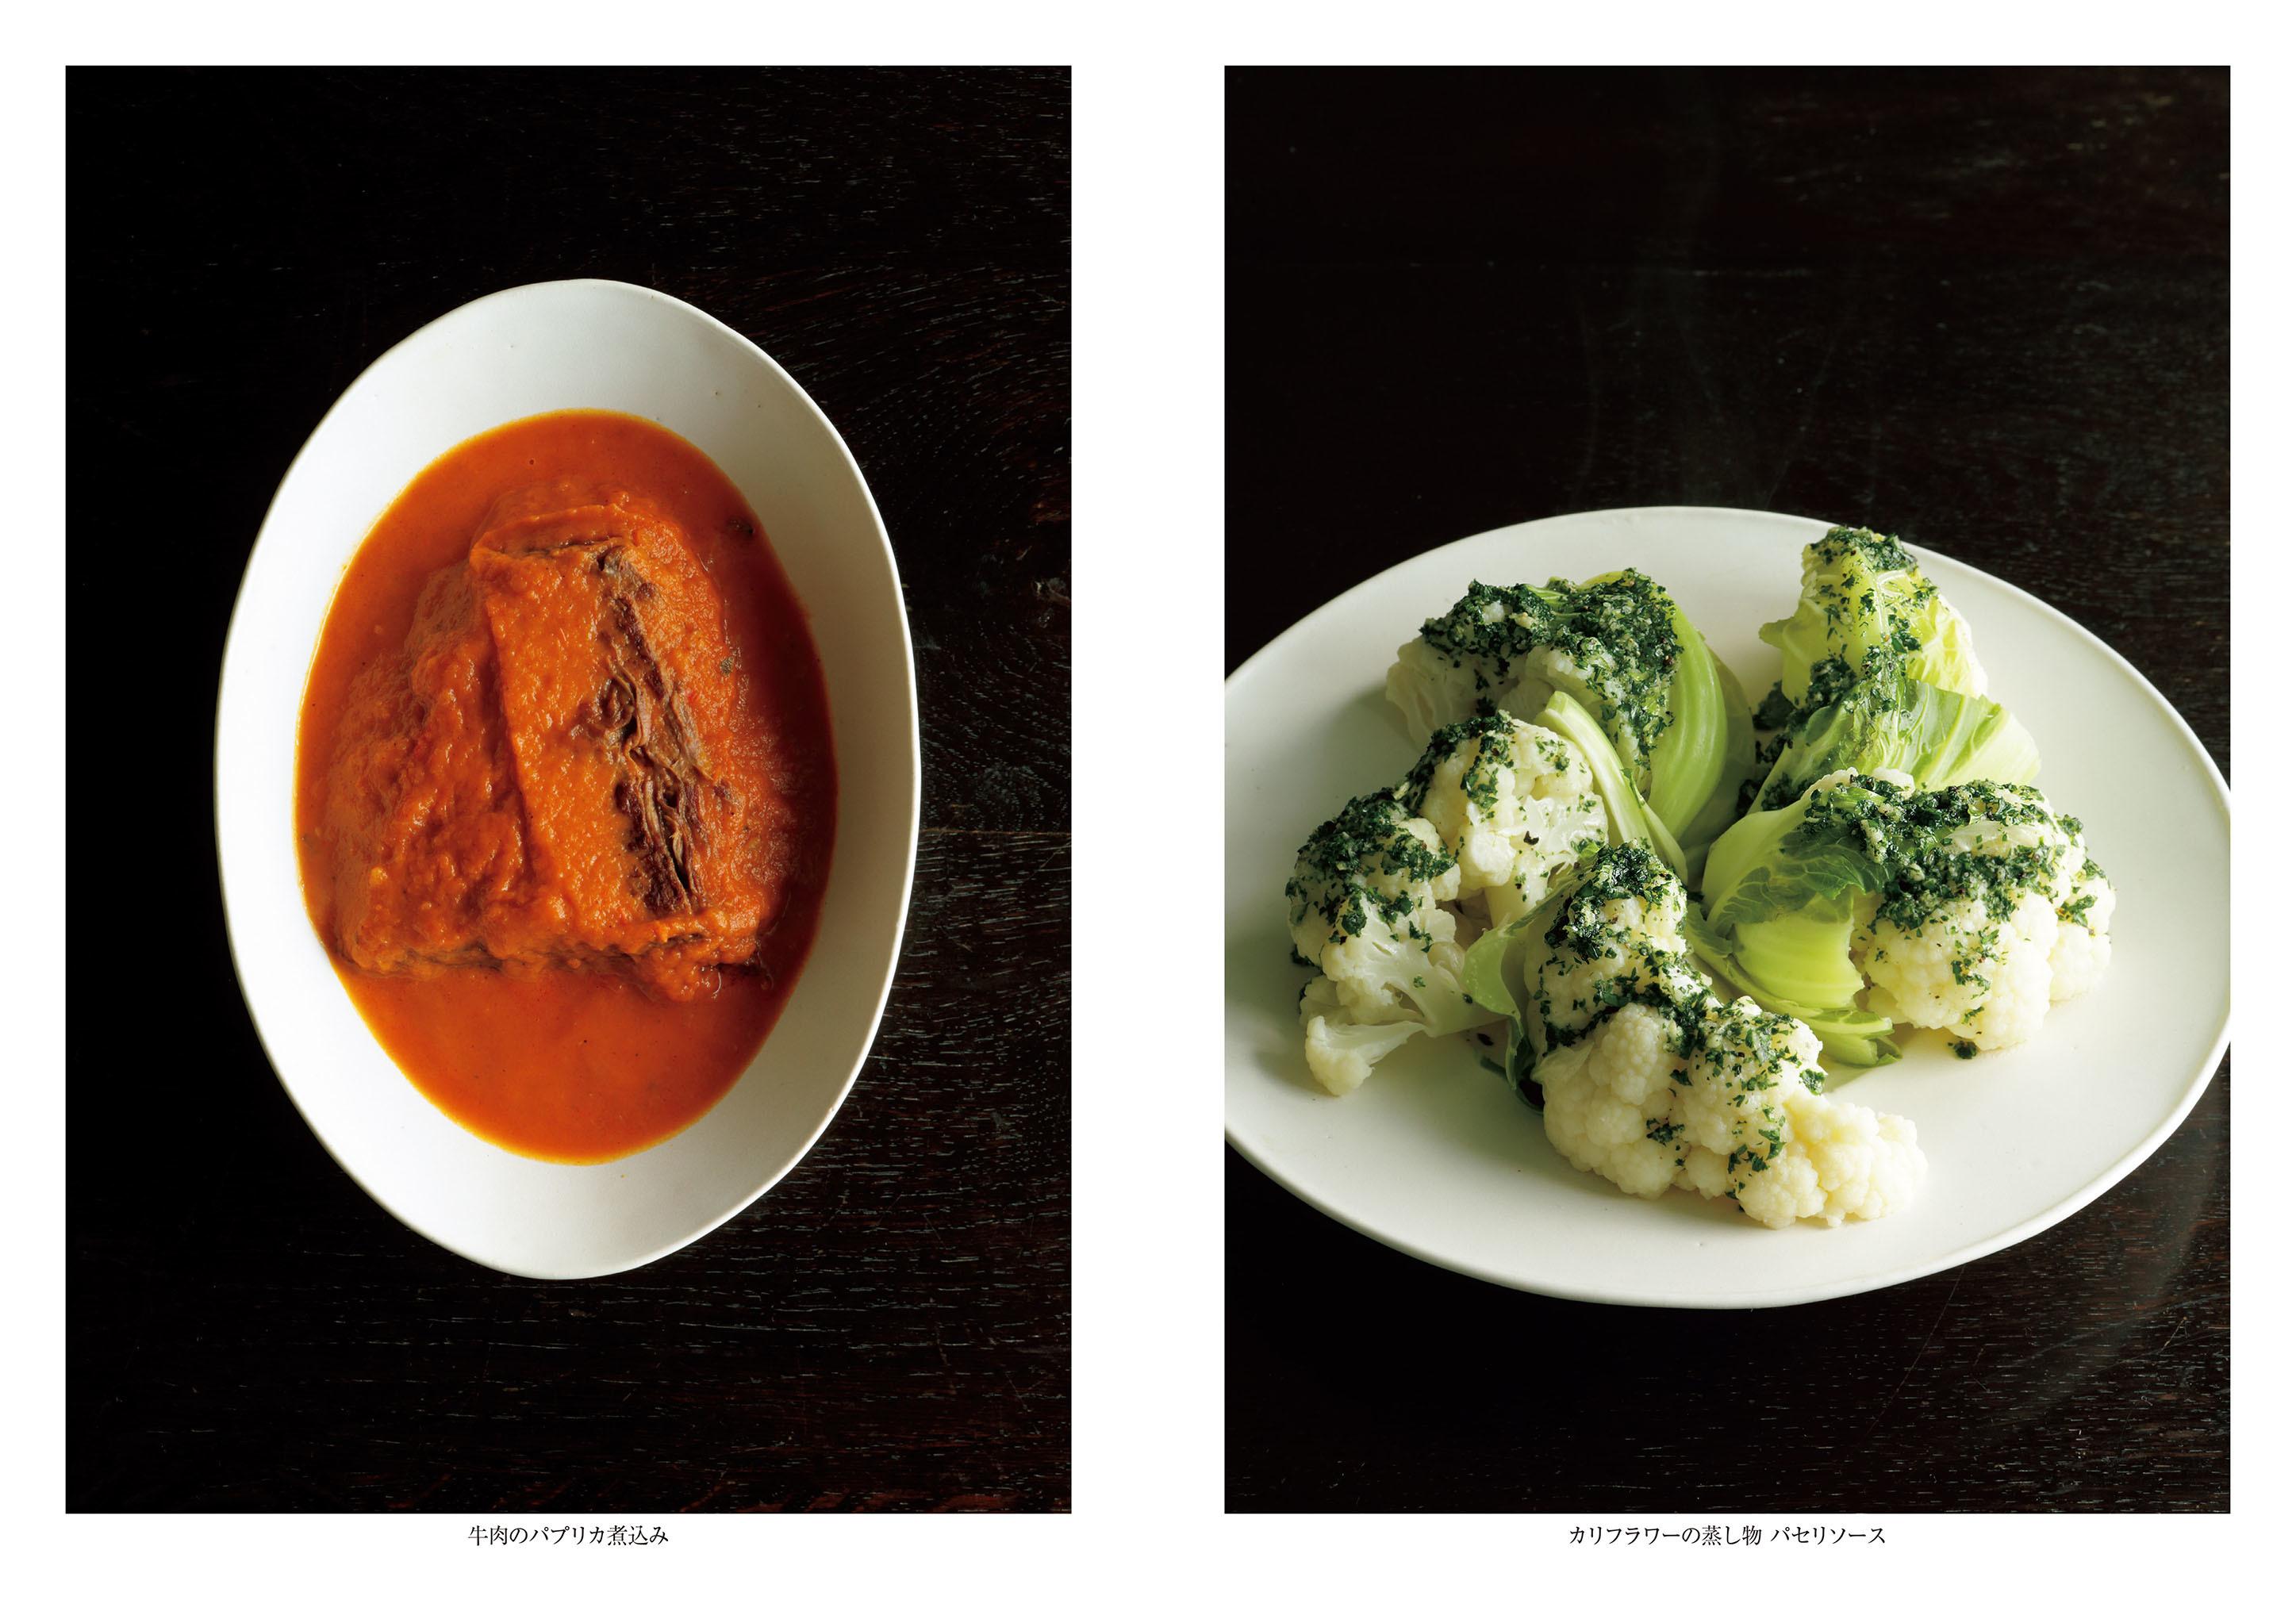 有元葉子さんの単行本「この2皿さえあれば。」が遂に発売!_1_2-1